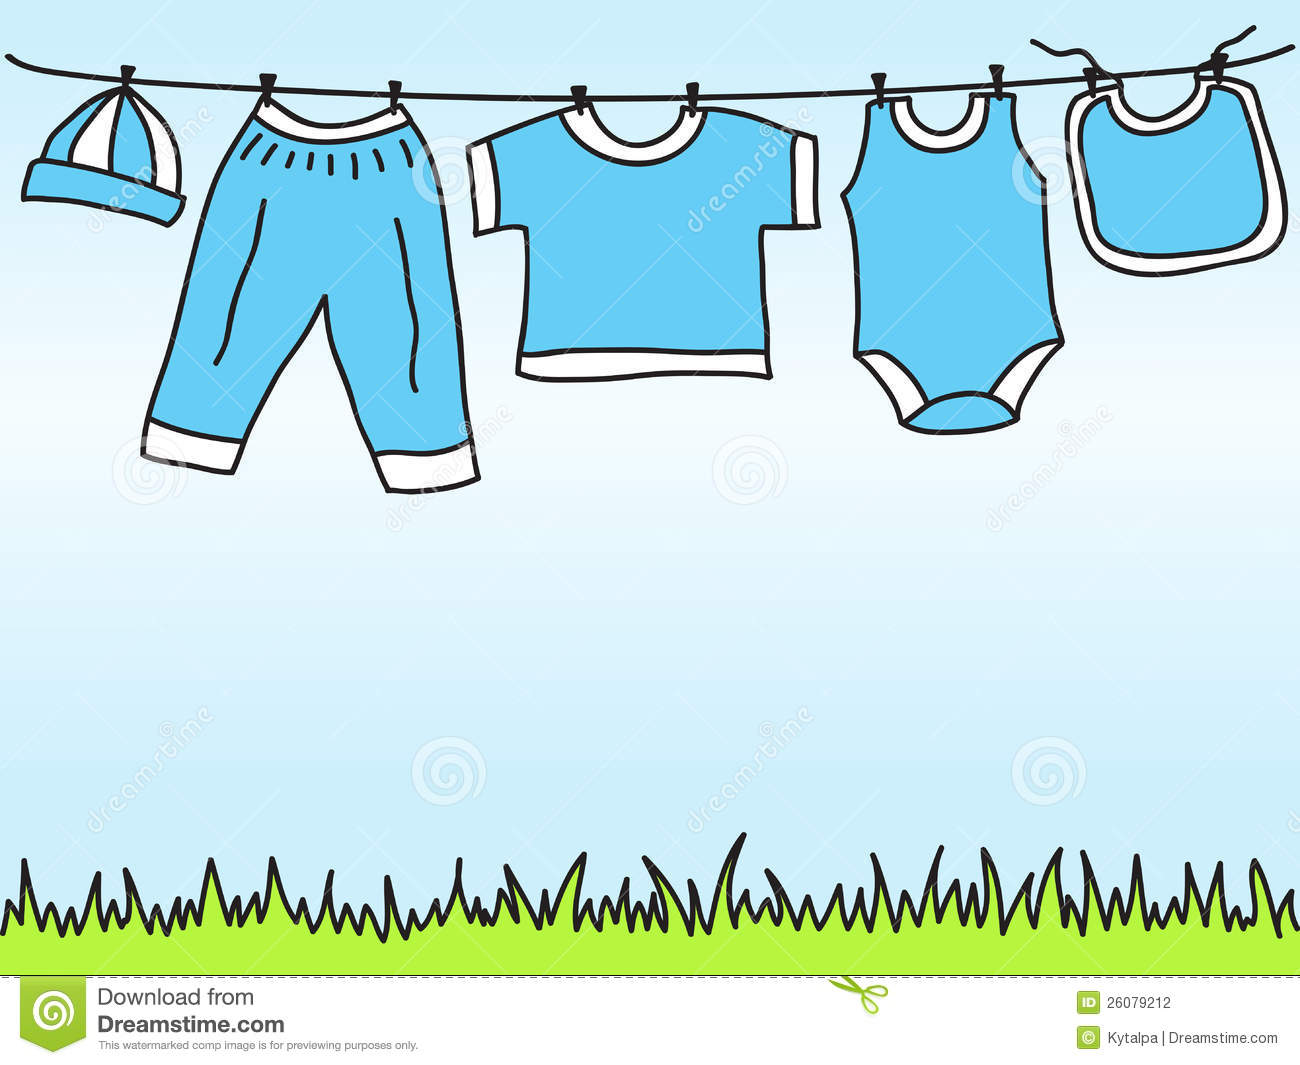 Empty Laundry Basket Clipart Clothes Line Cl...